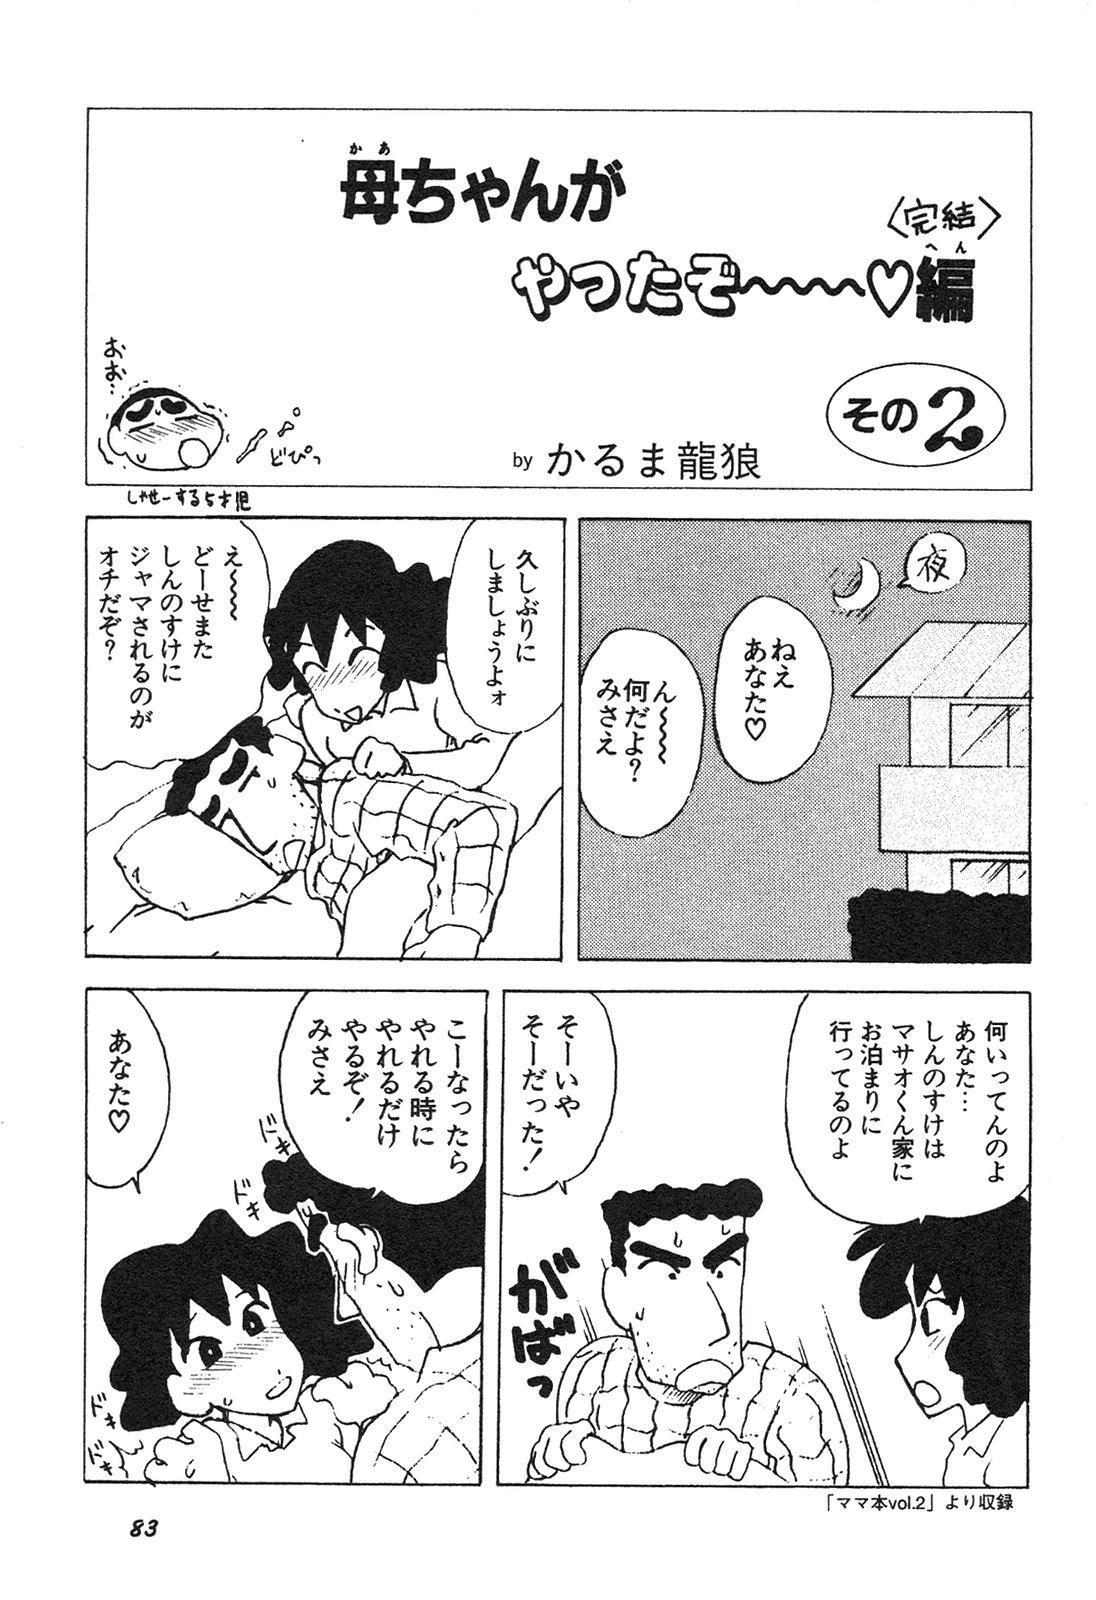 Shin Bishoujo Shoukougun 3 Yamato hen 83